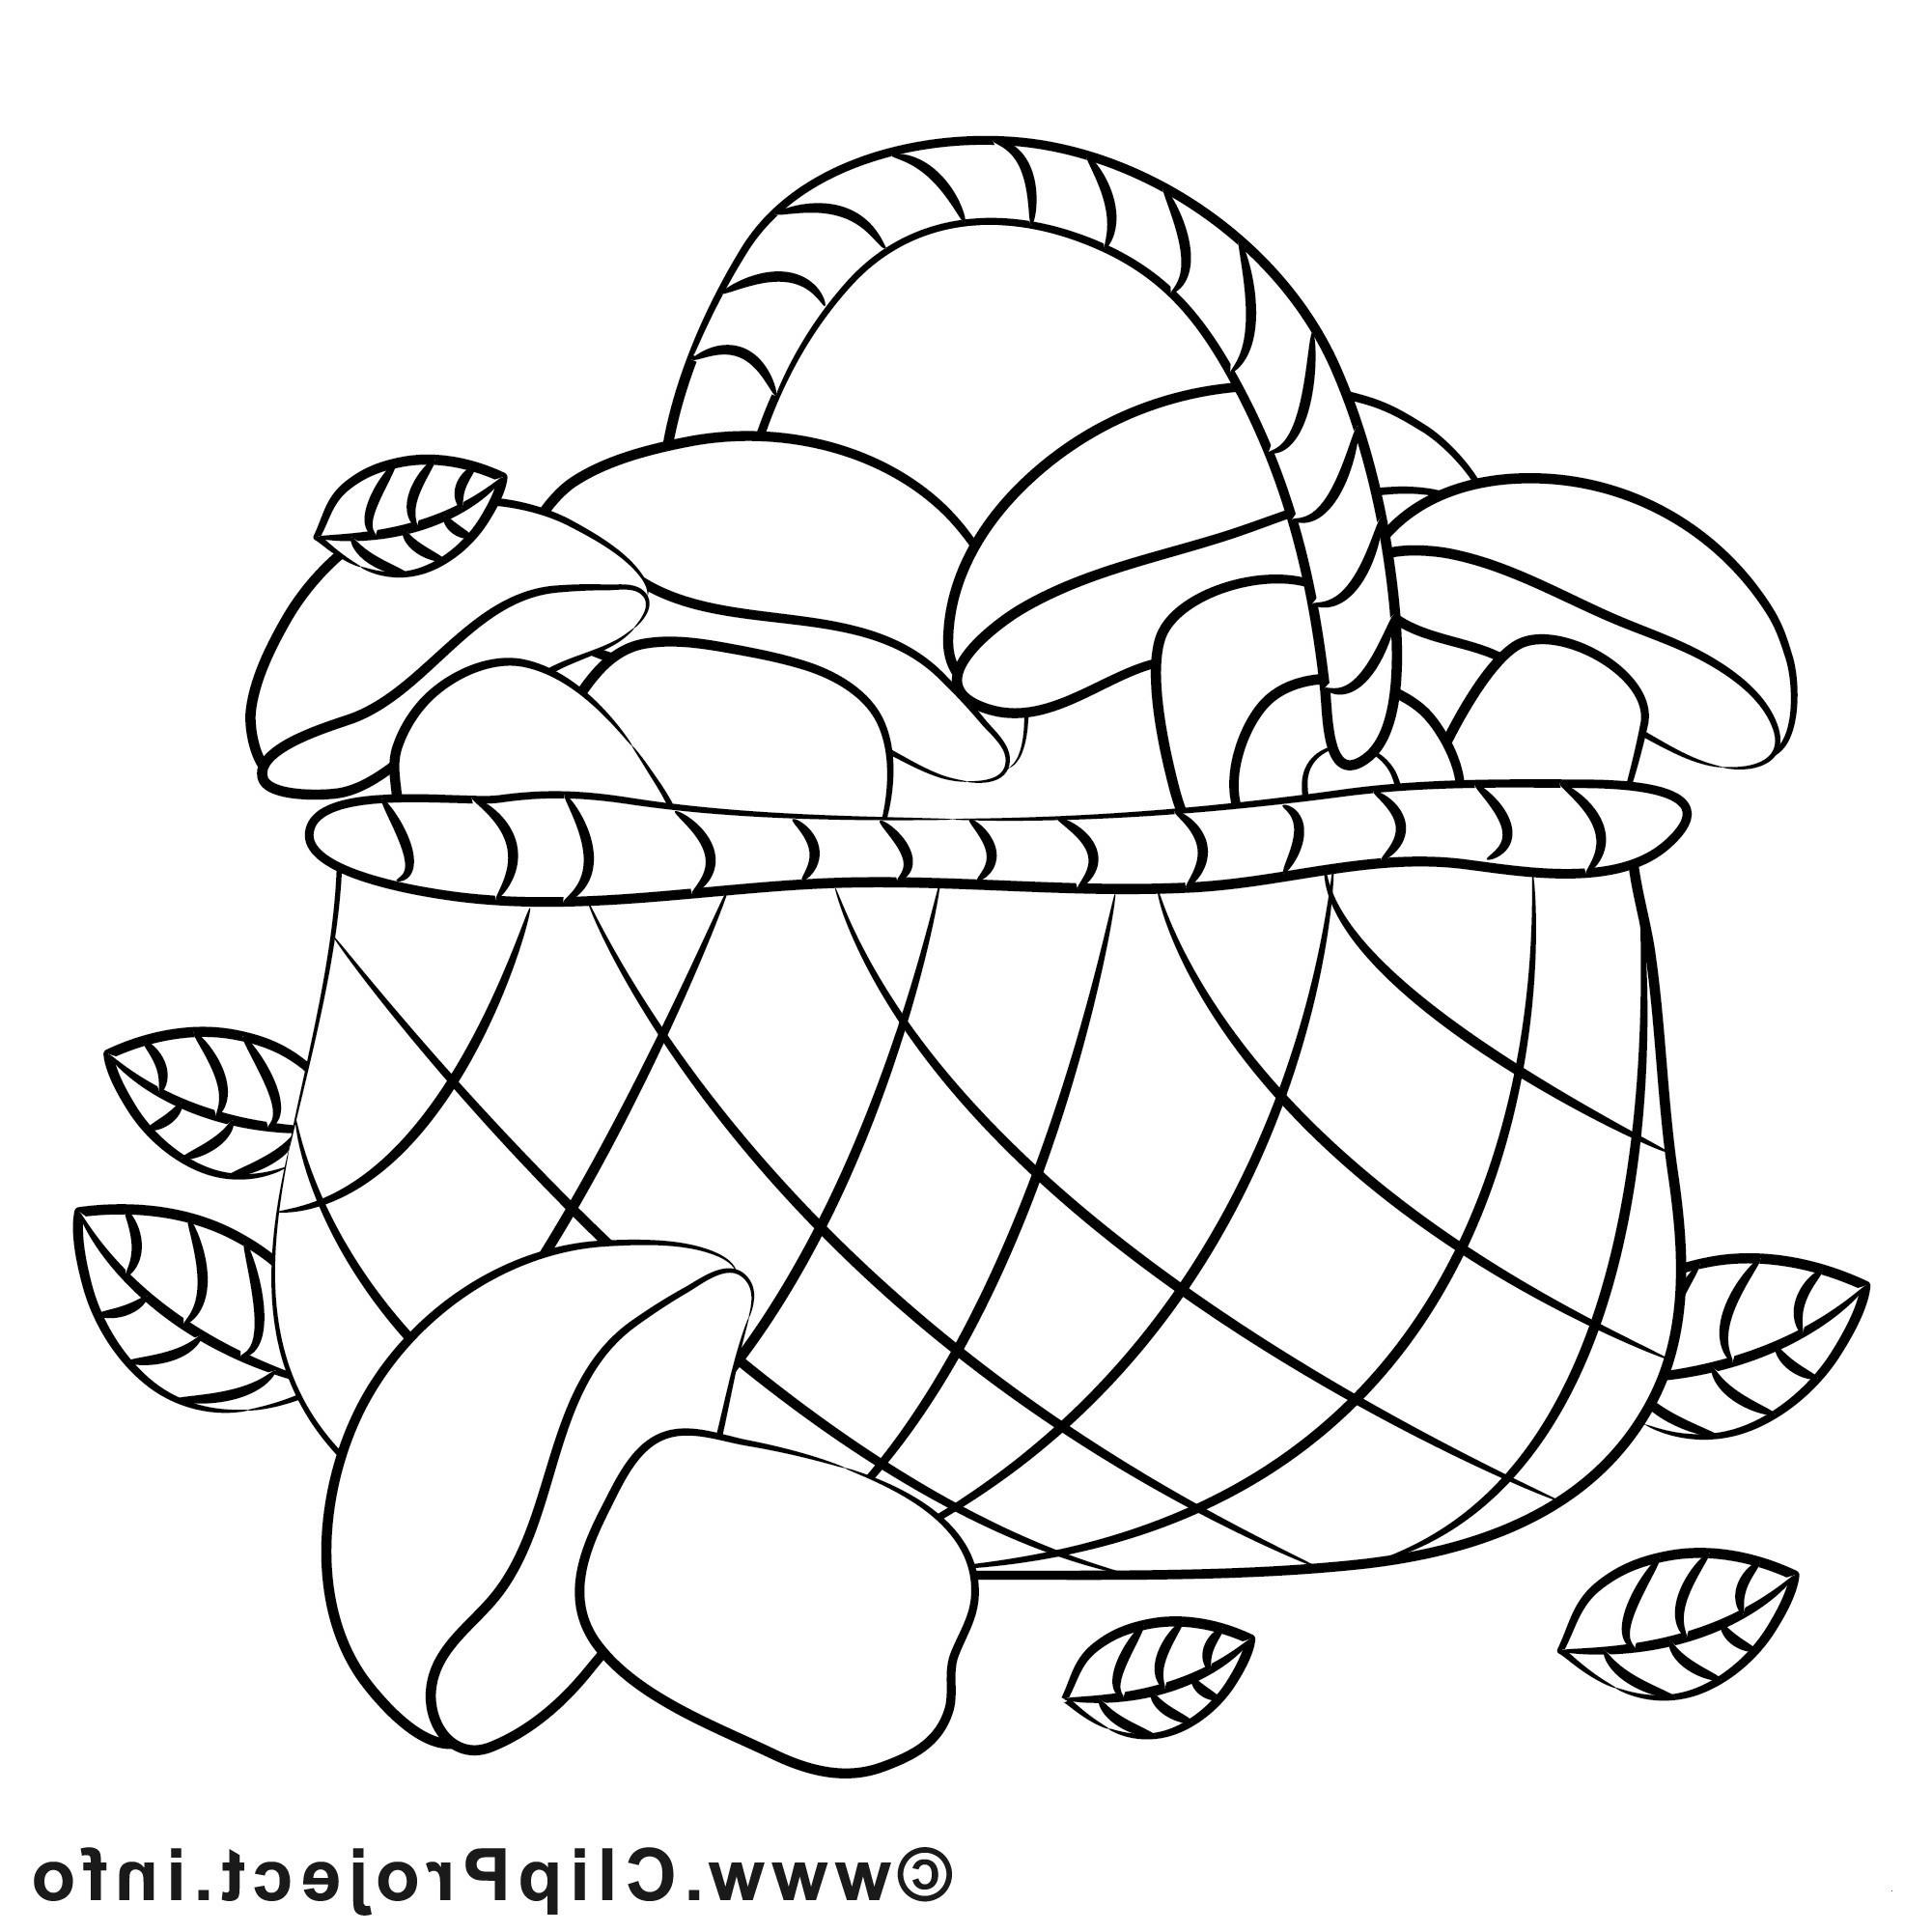 Ausmalbilder Herbst Pilze Inspirierend 39 Lecker Ausmalbilder Barbie Meerjungfrau – Große Coloring Page Galerie